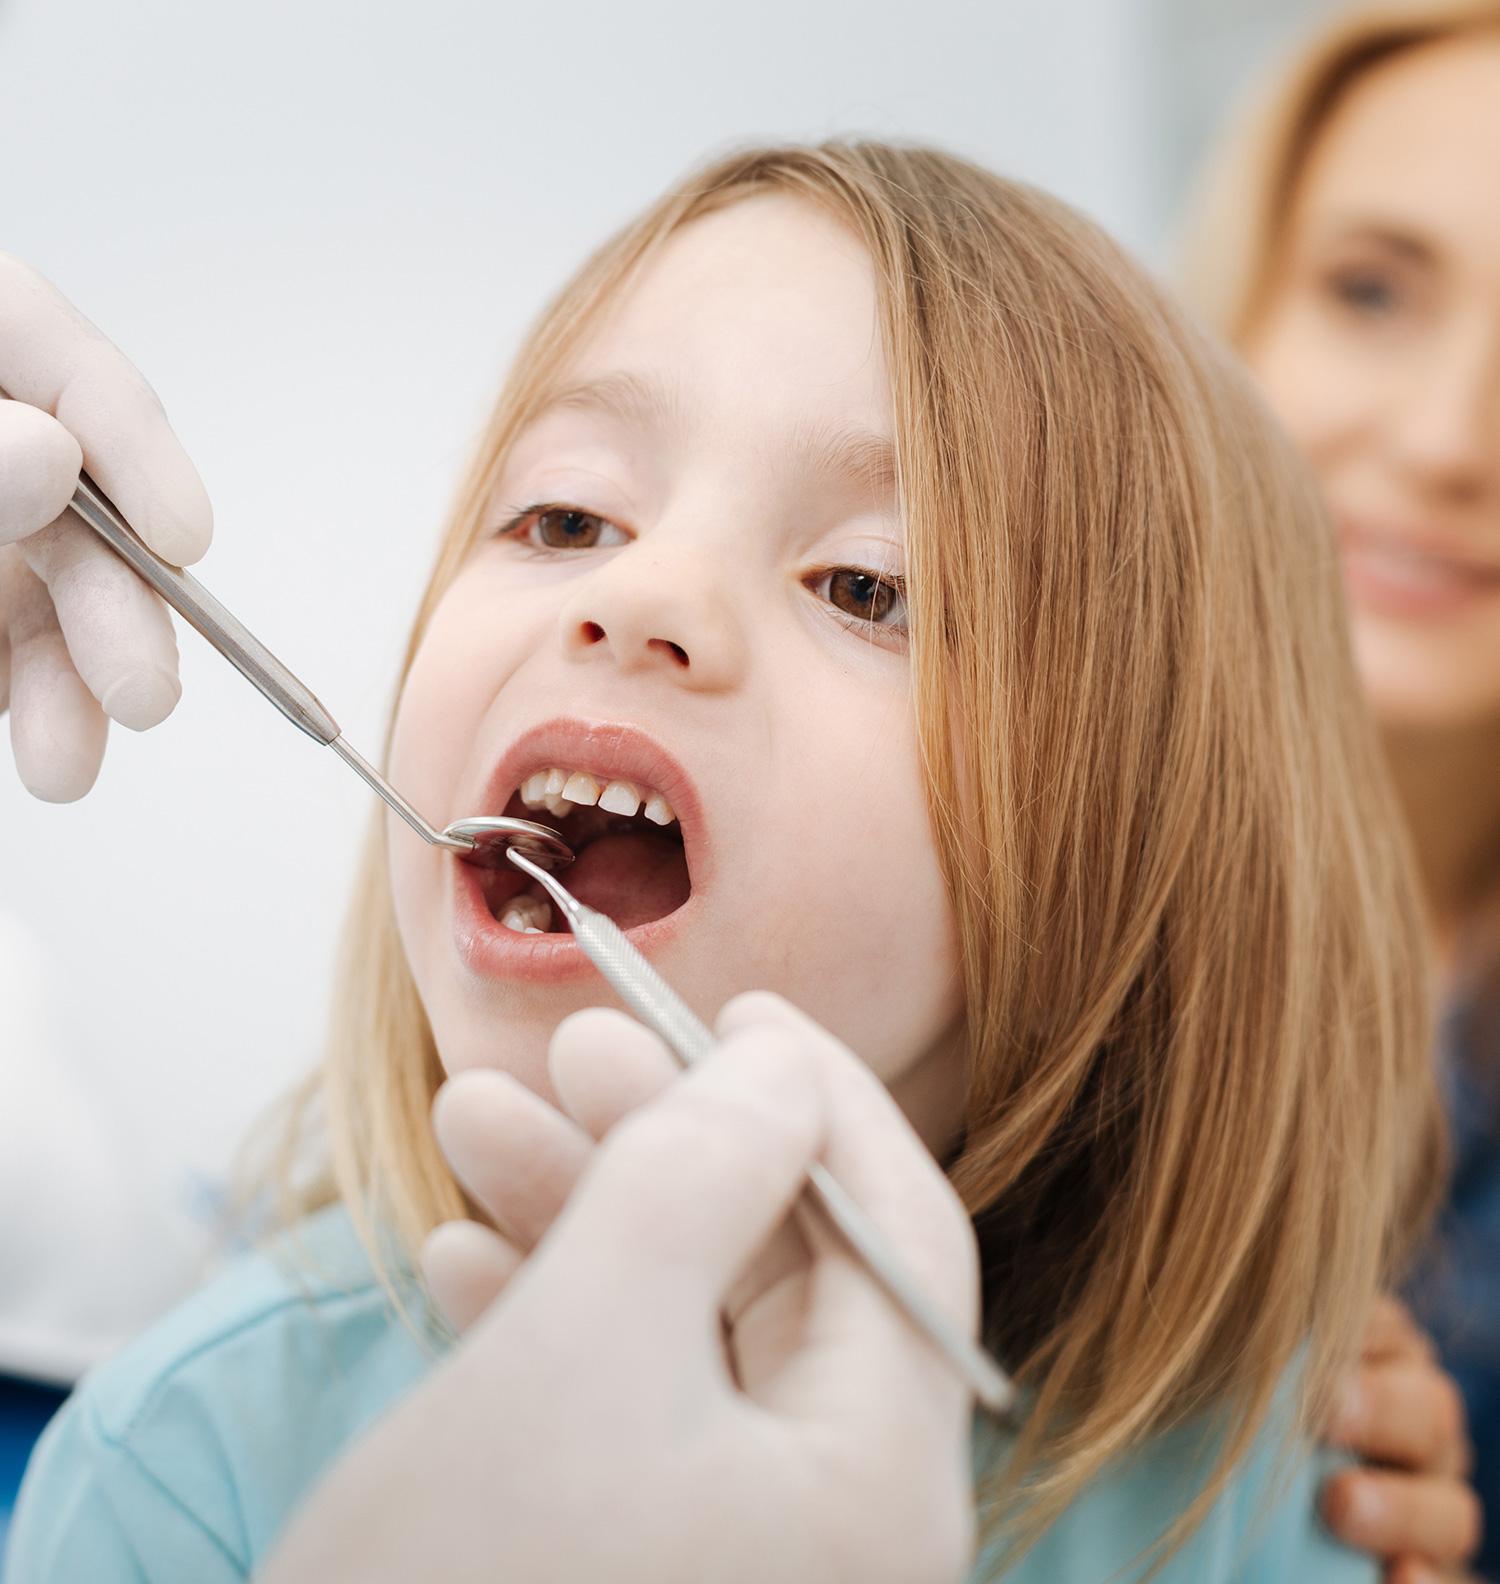 Dentiste pédiatrique pour les soins dentaires | Cabinet dentaire Kim Tran